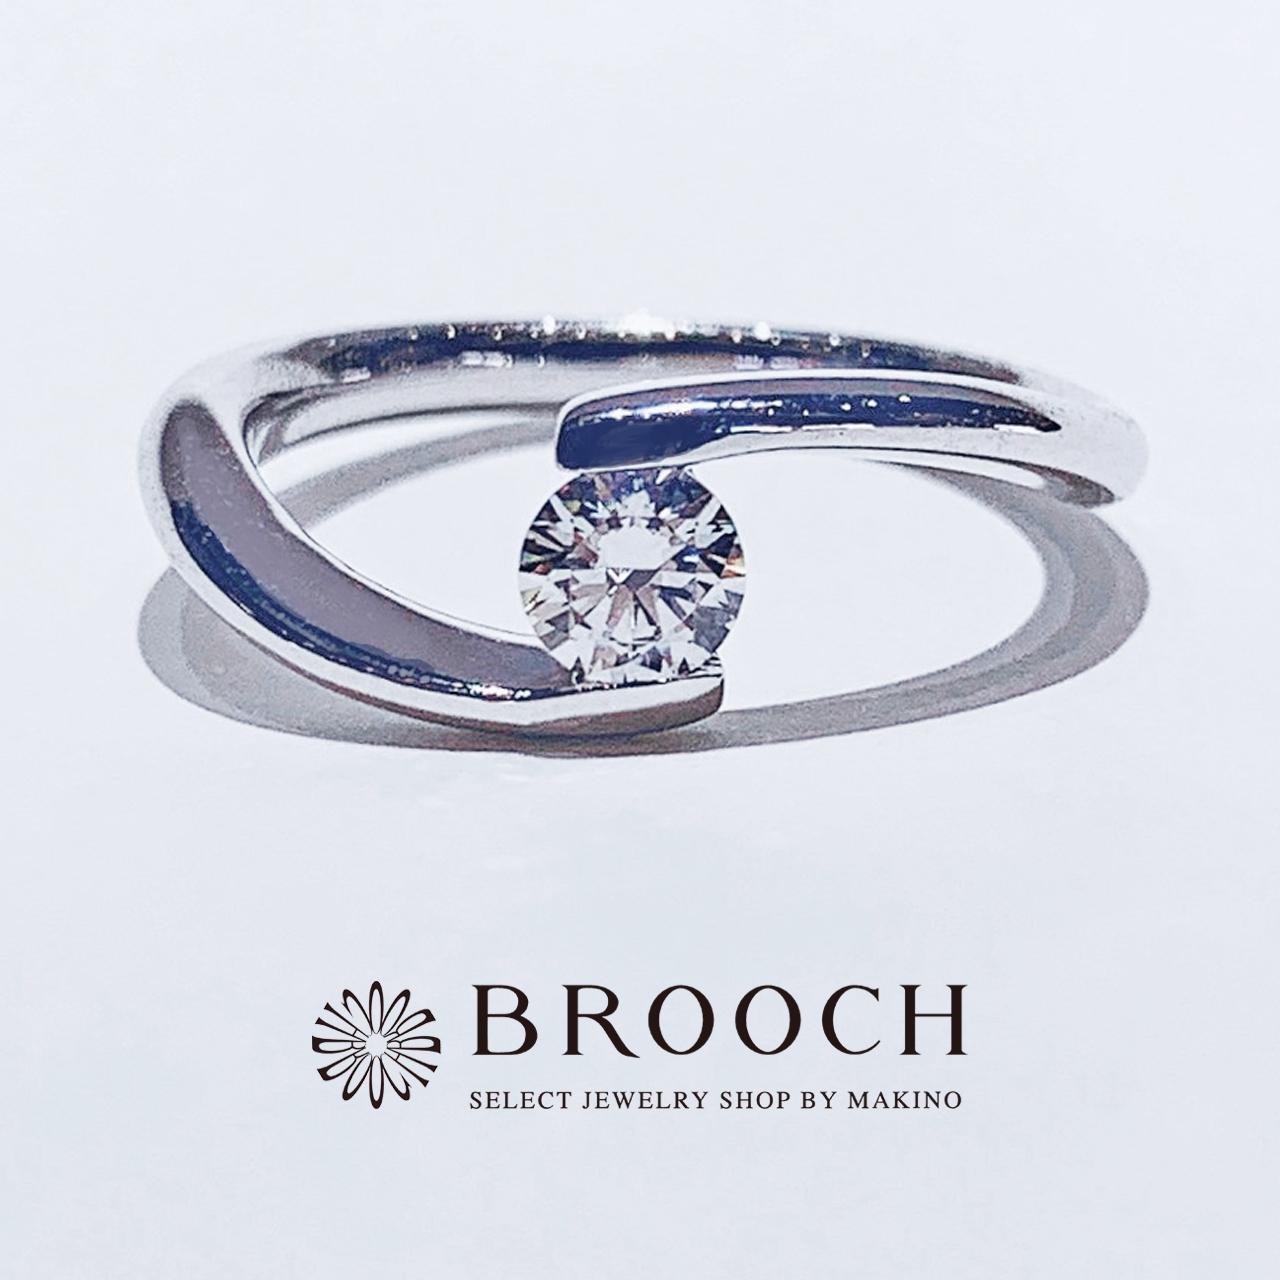 BROOCH 婚約指輪 エンゲージリング かわいい シンプル1石個性派ウェーブデザイン